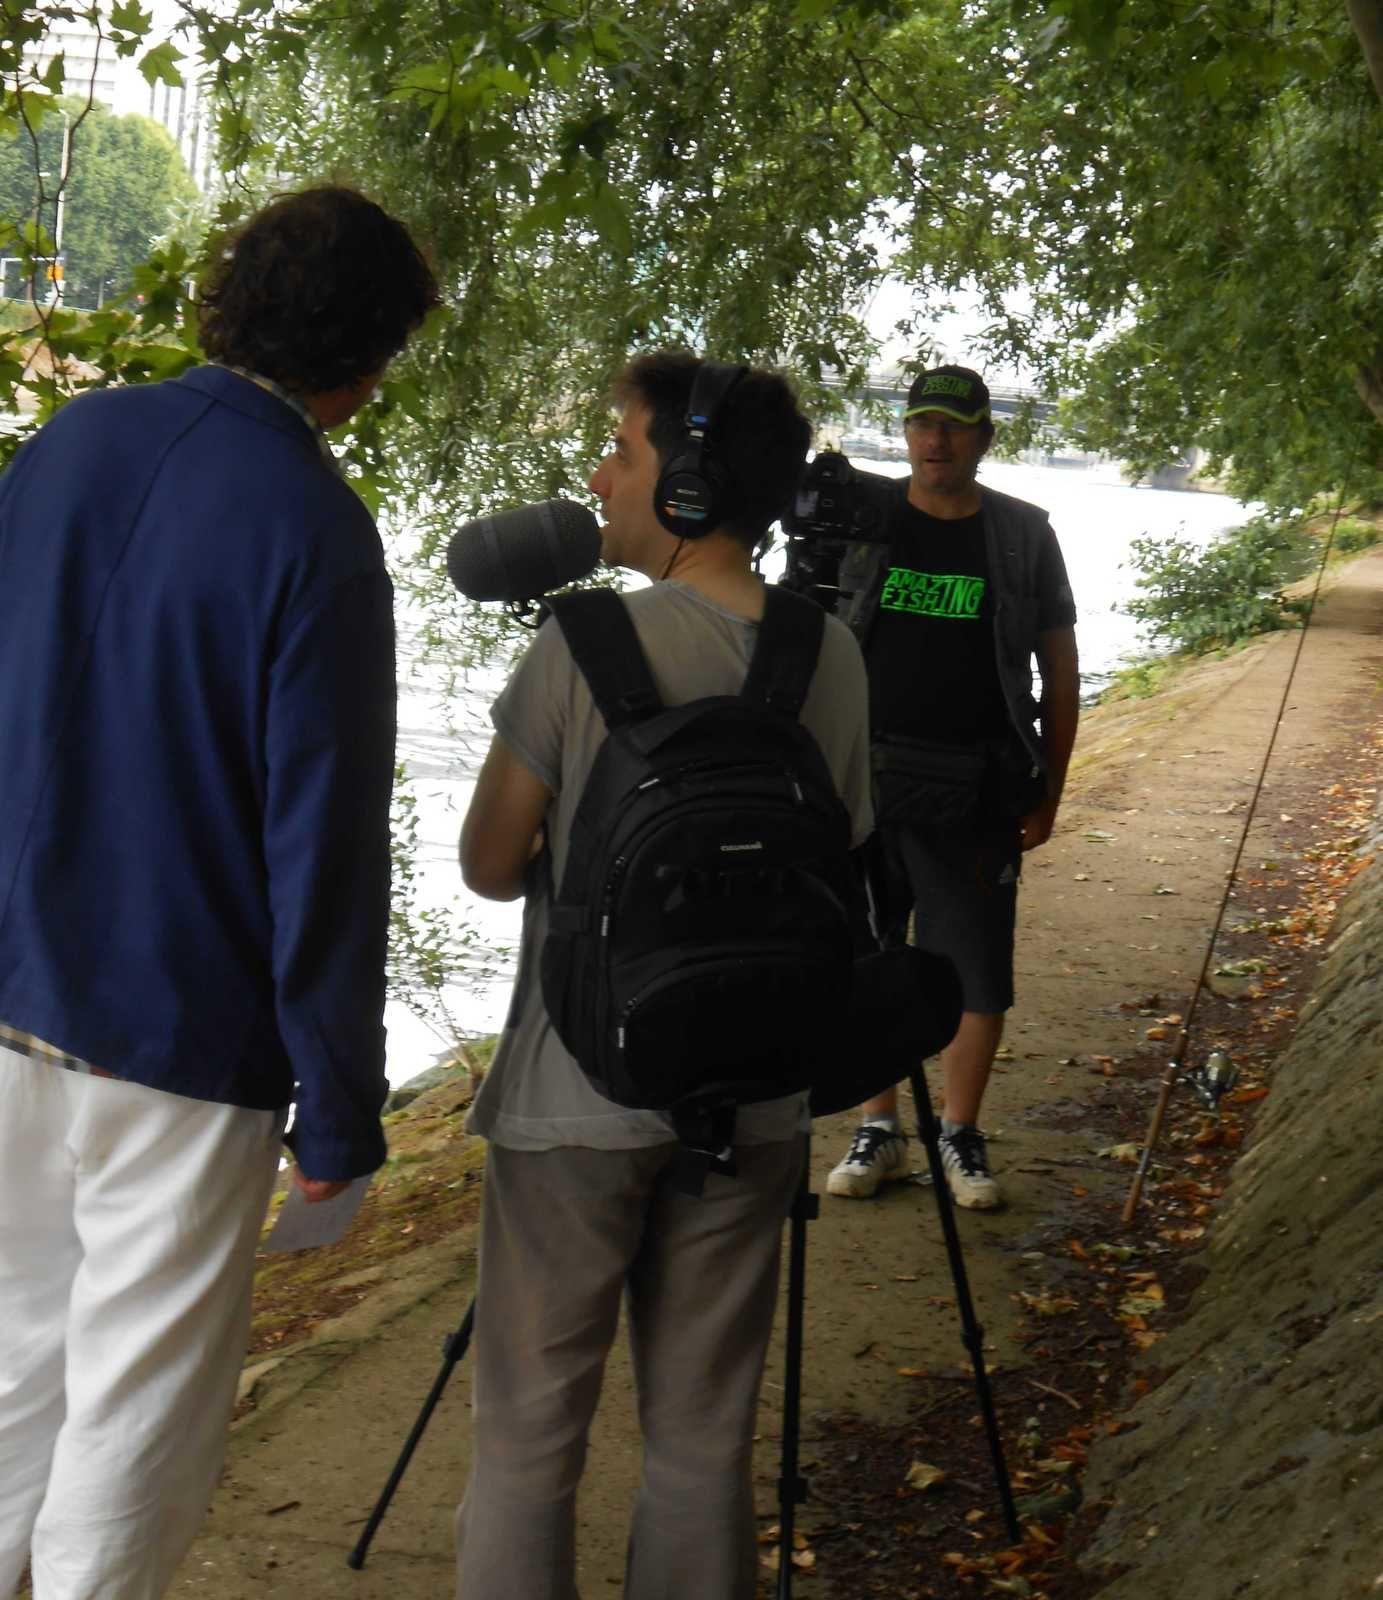 tournage  en Seine .......!!!!